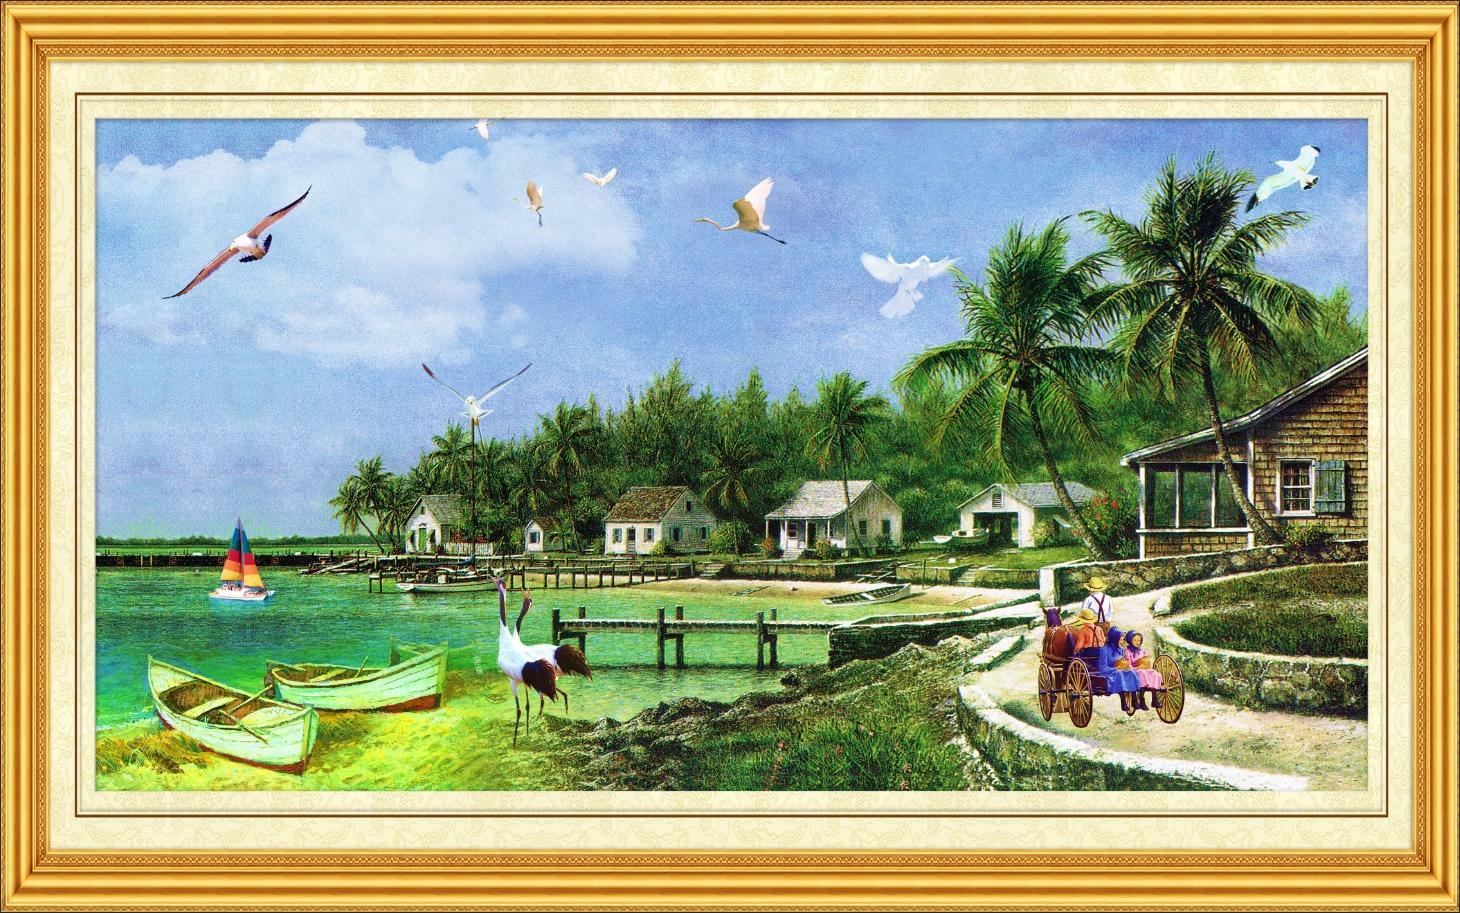 Tranh Phong Cảnh Biển - 11289